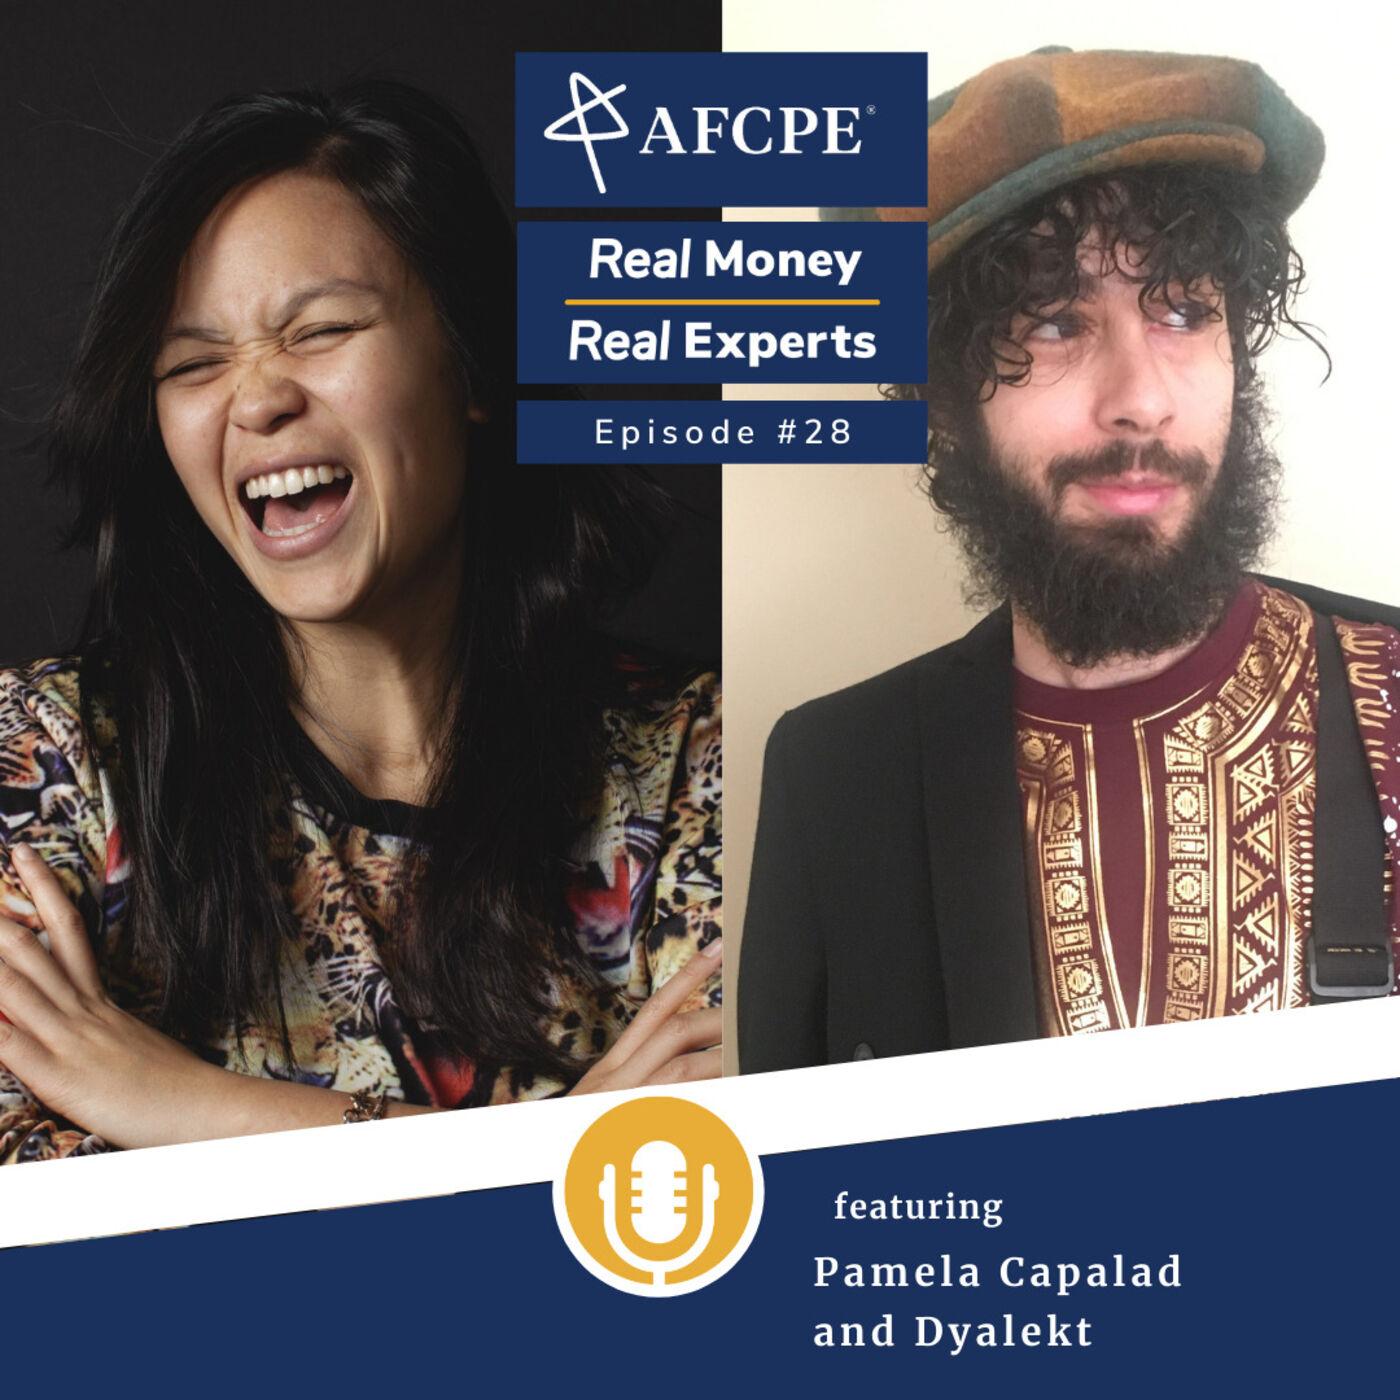 Let's get brunch: Food & Financial Equality with Pamela Capalad, AFC®, and Dyalekt